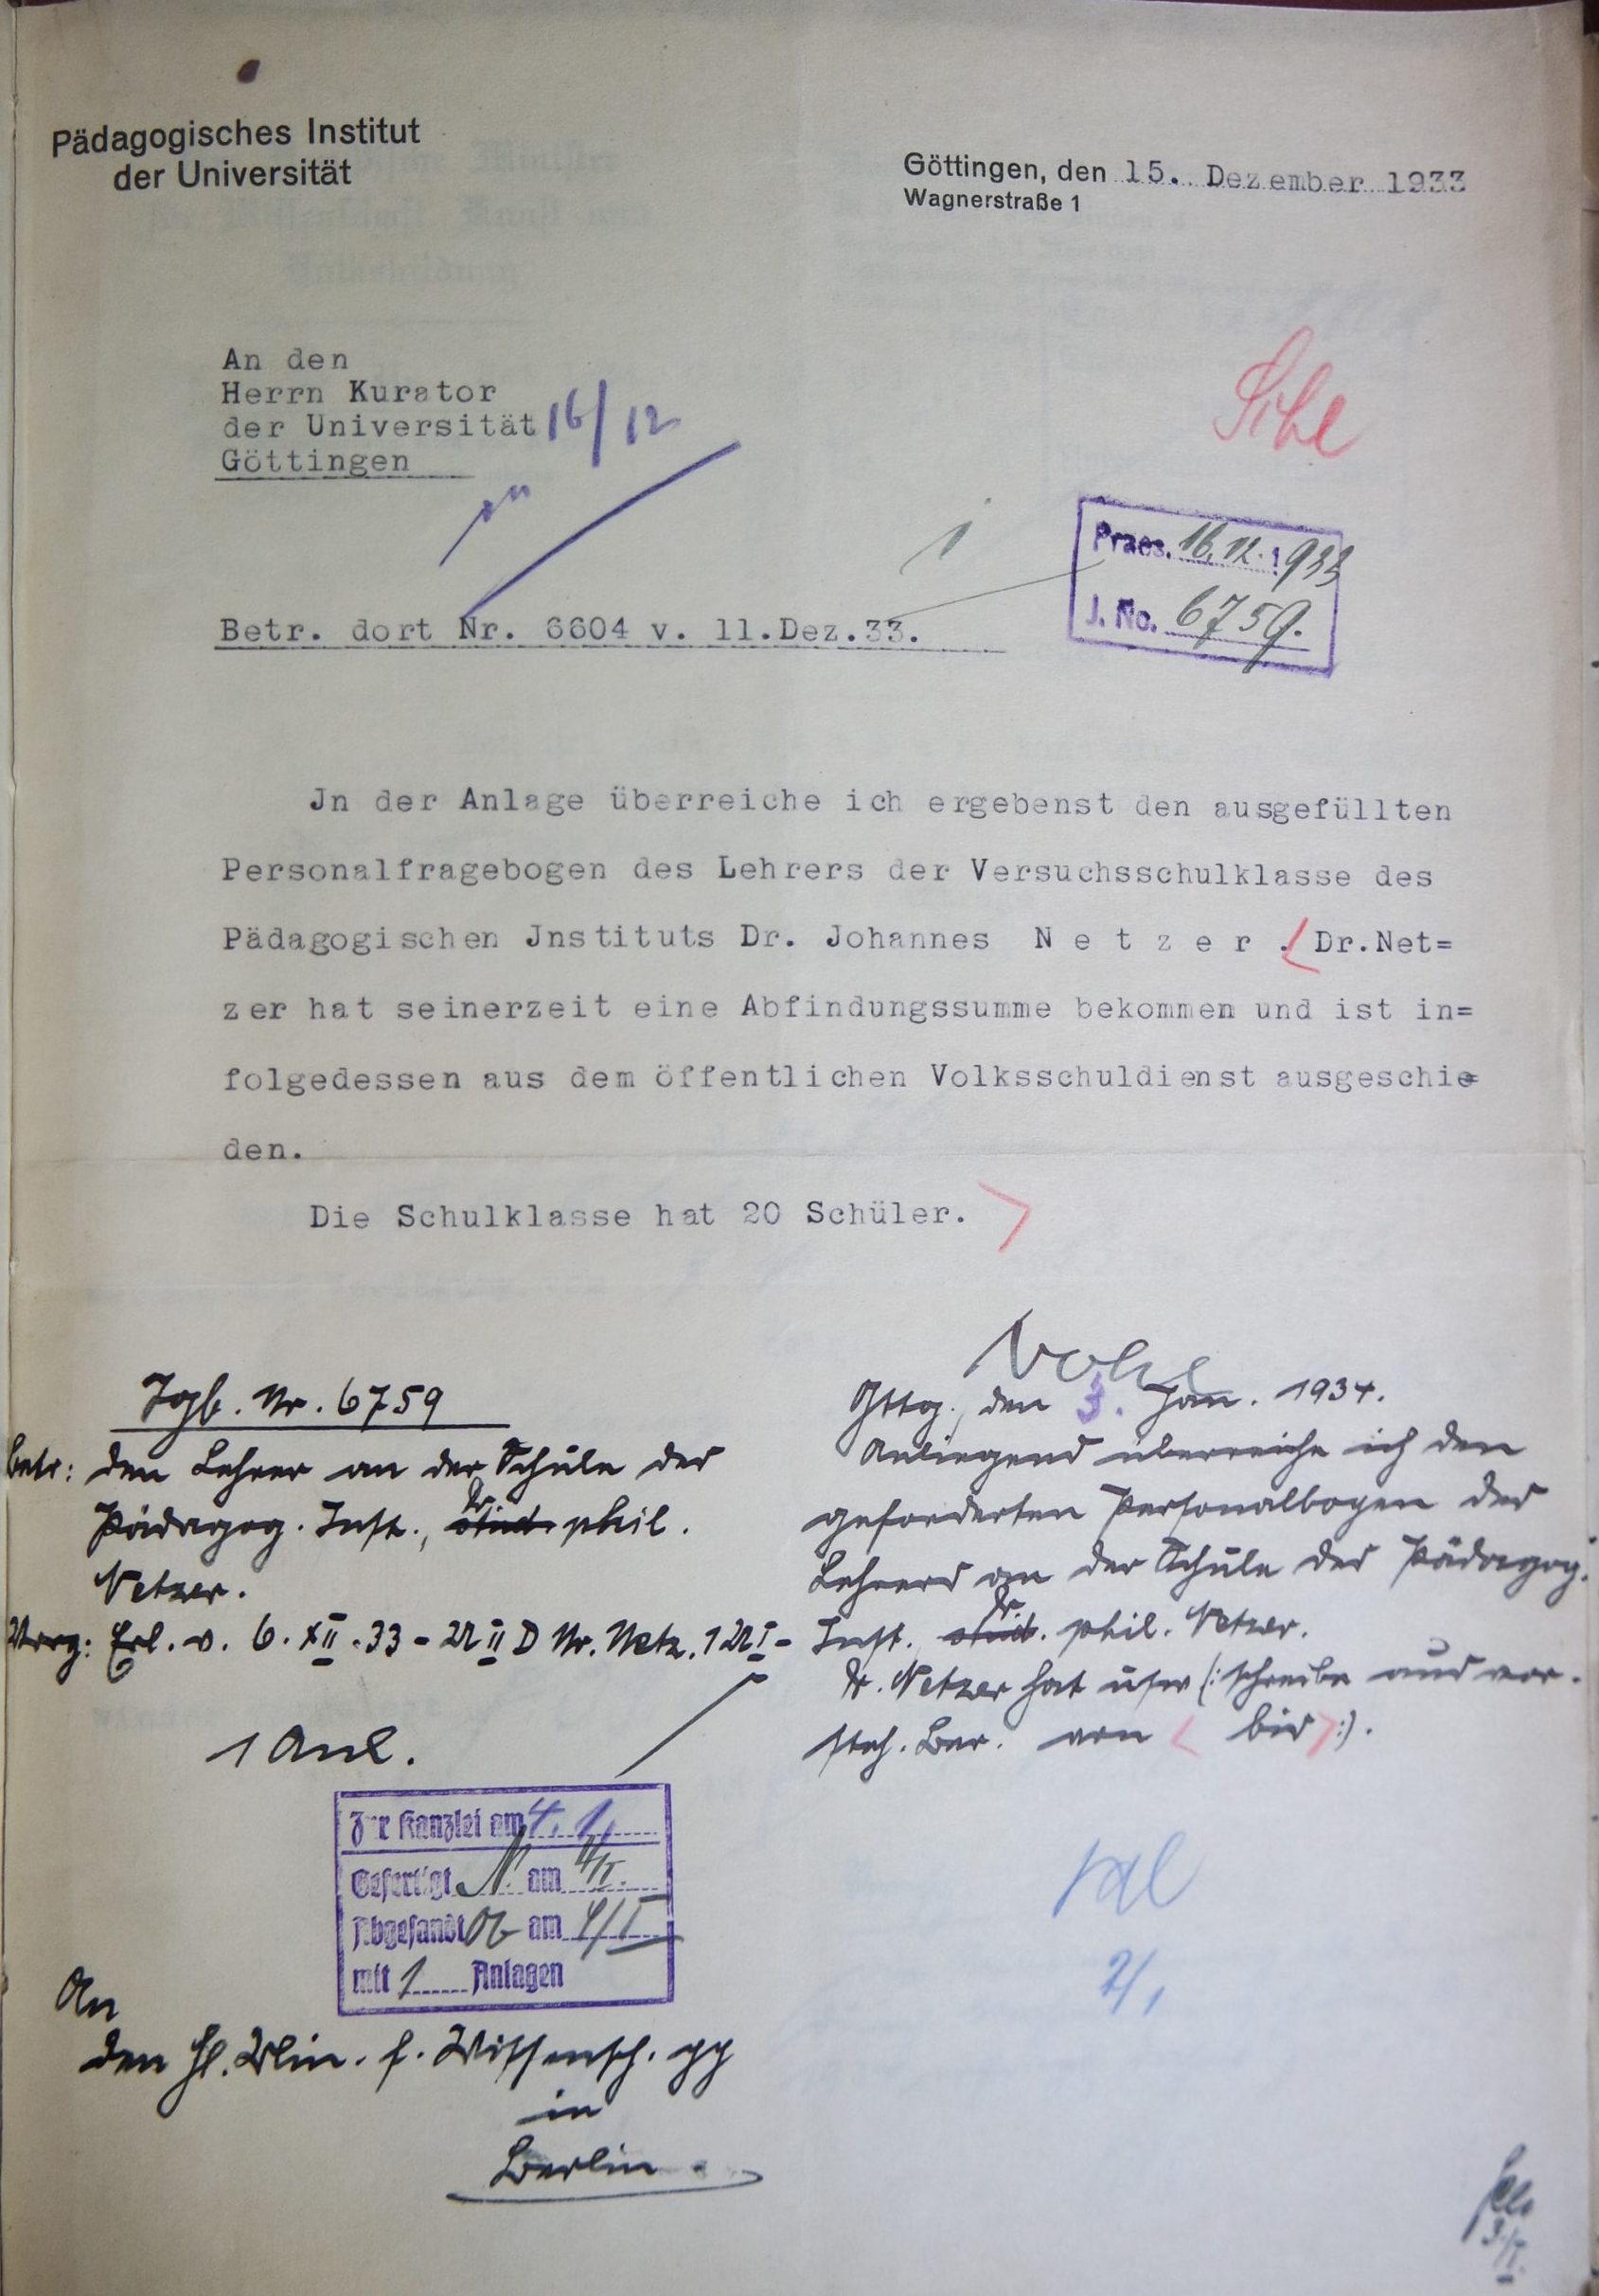 Brief Herman Nohls vom 15.12.1933 an den Kurator der Universität. Quelle: Universitätsarchiv Göttingen: Kur. 1263; unpag.